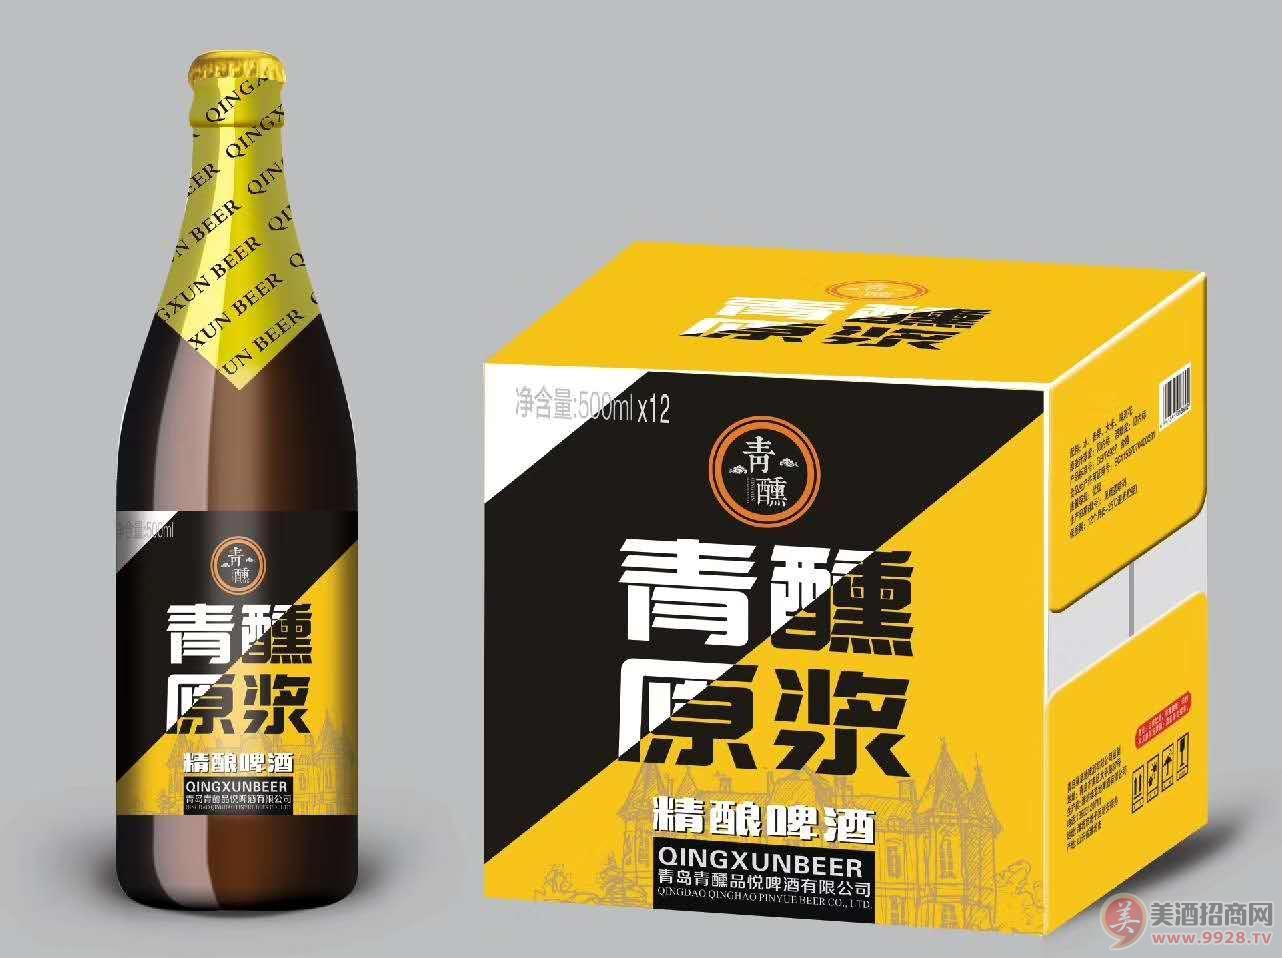 青岛青熏精酿啤酒诚招代理